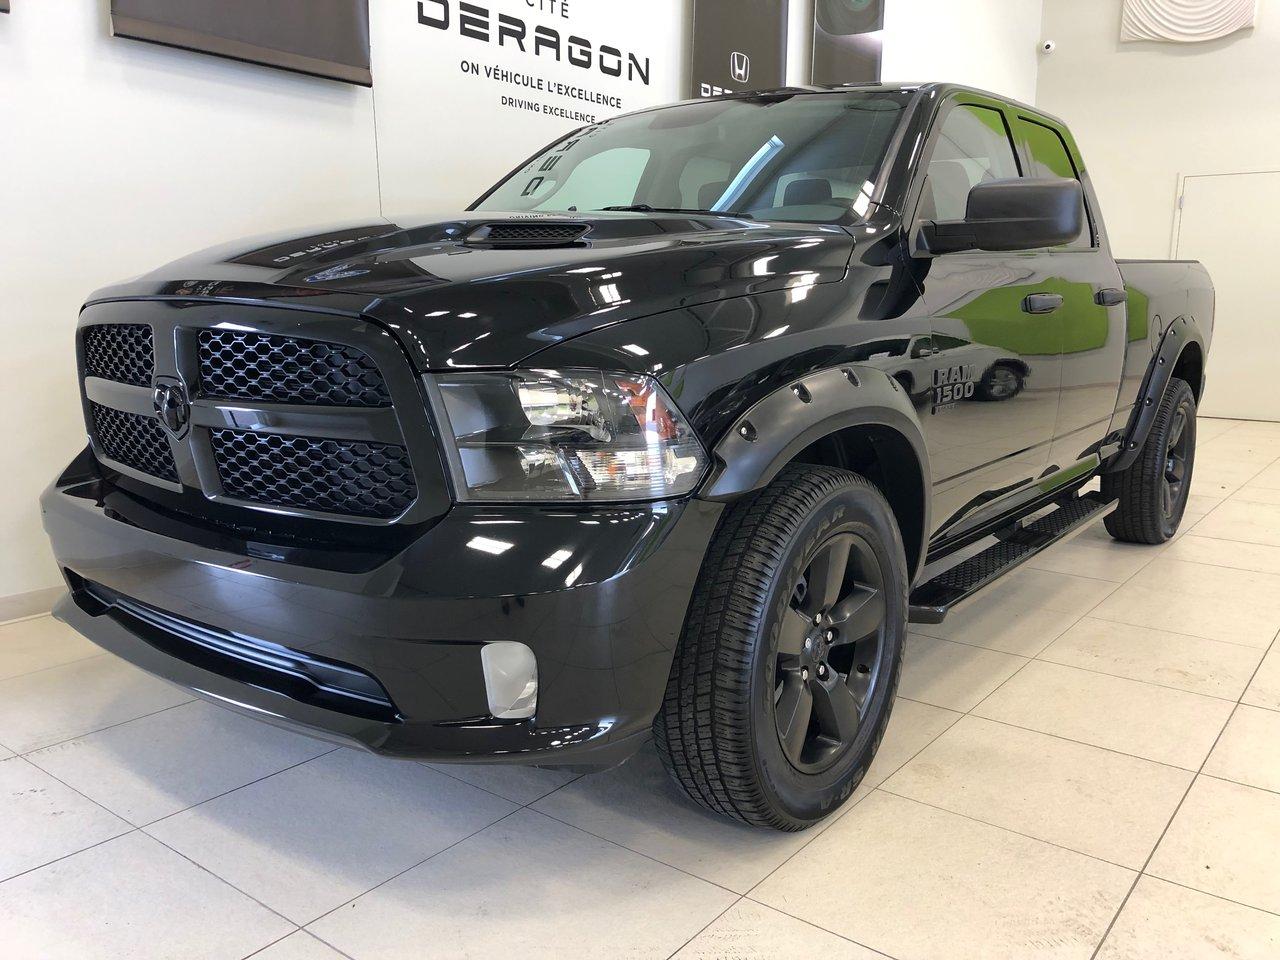 Ram 1500 Classic 2019 BLACK EXPRESS QUAD CAB, V6 3.6, CAMÉRA, HITCH